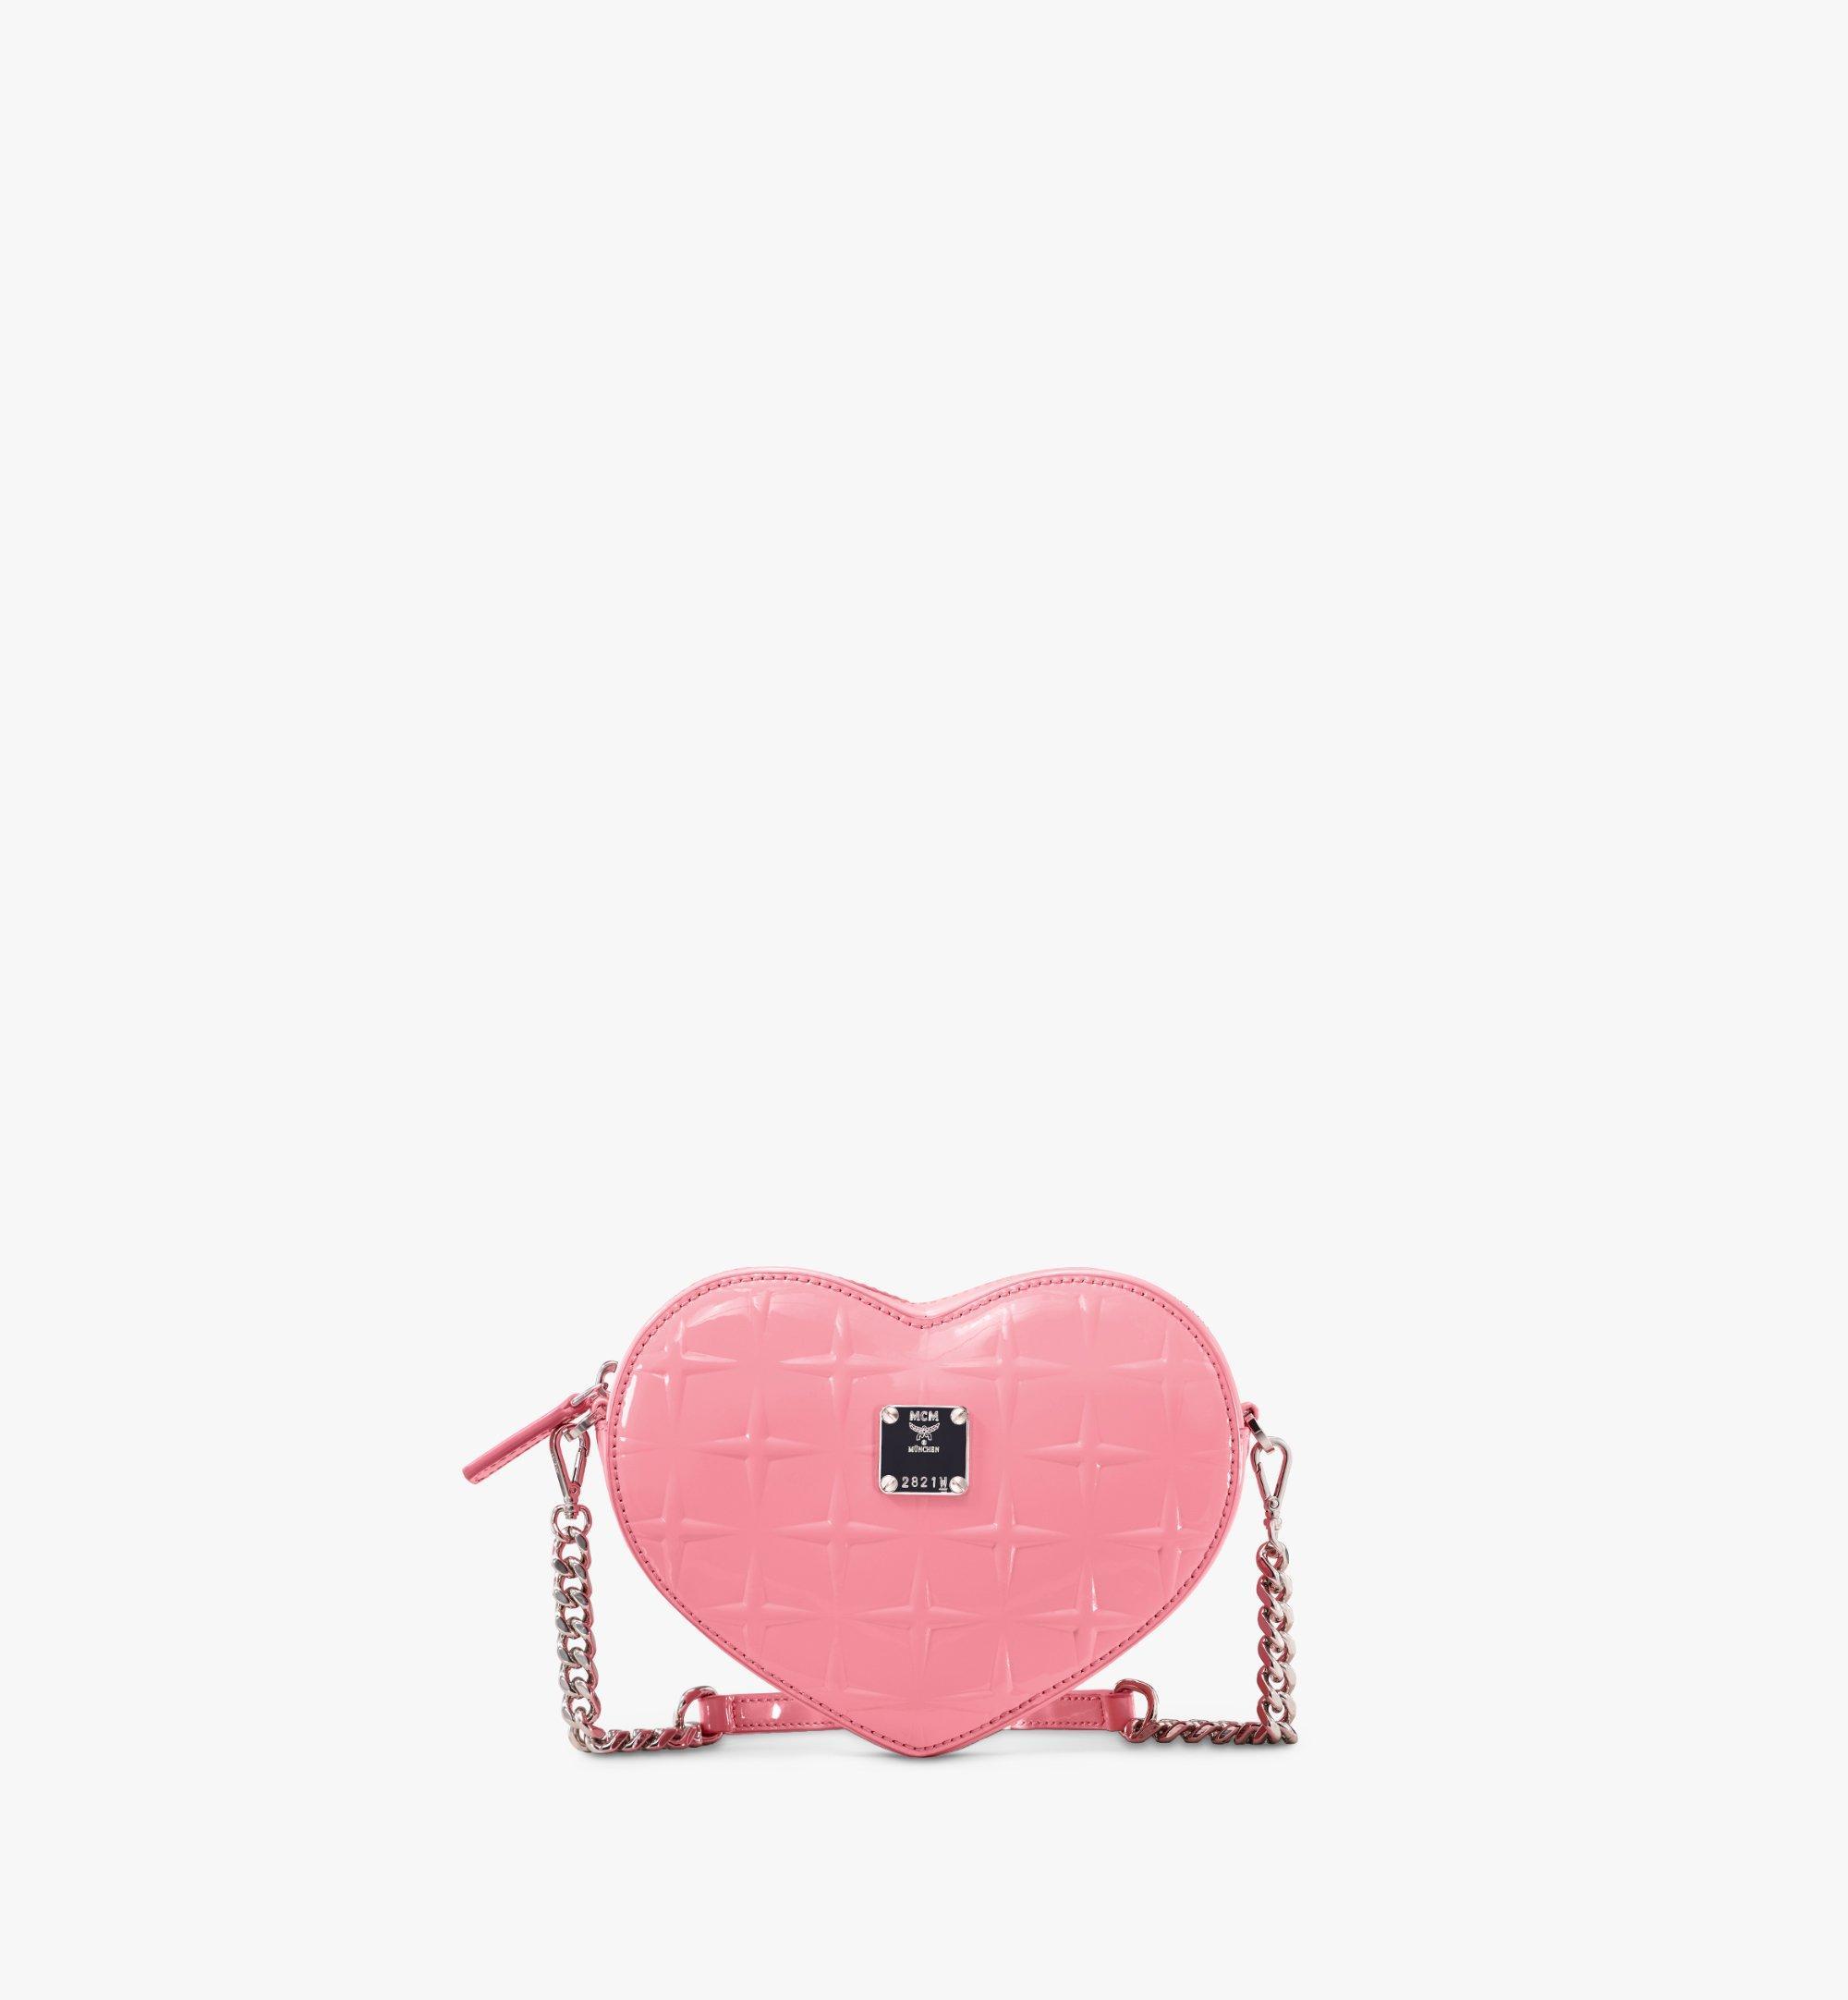 MCM Herzförmige Patricia Crossbody-Tasche aus Lackleder mit Rautenmuster Pink MWRASPA10QG001 Alternate View 1